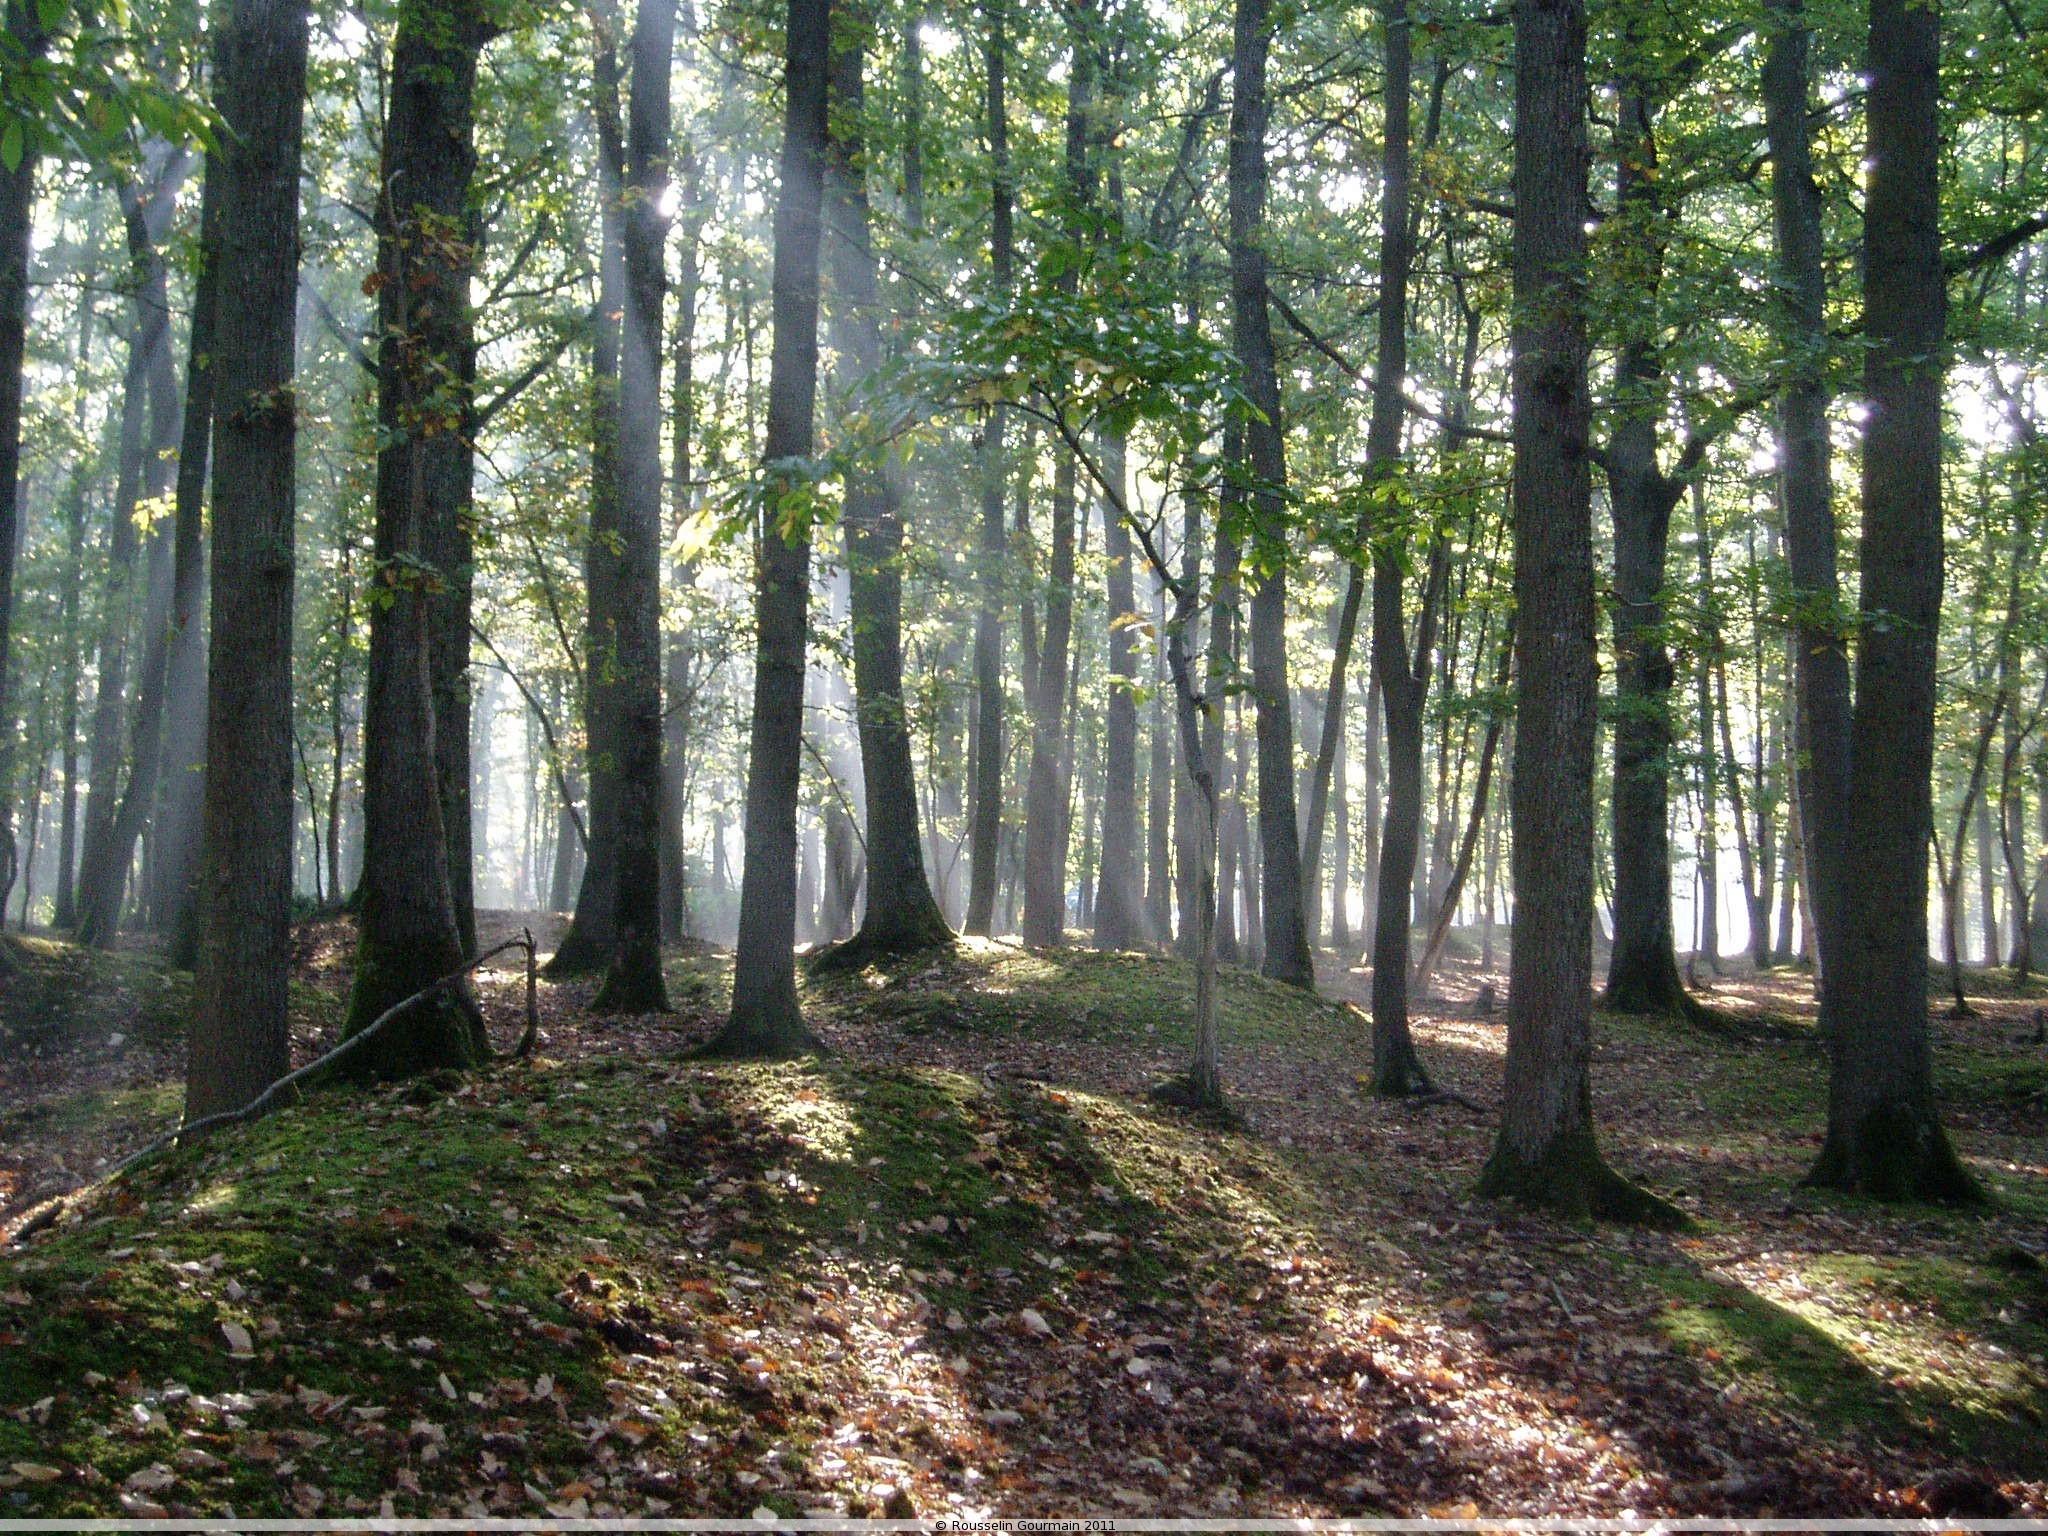 Actu de la production forestiere française par François ROUSSELIN